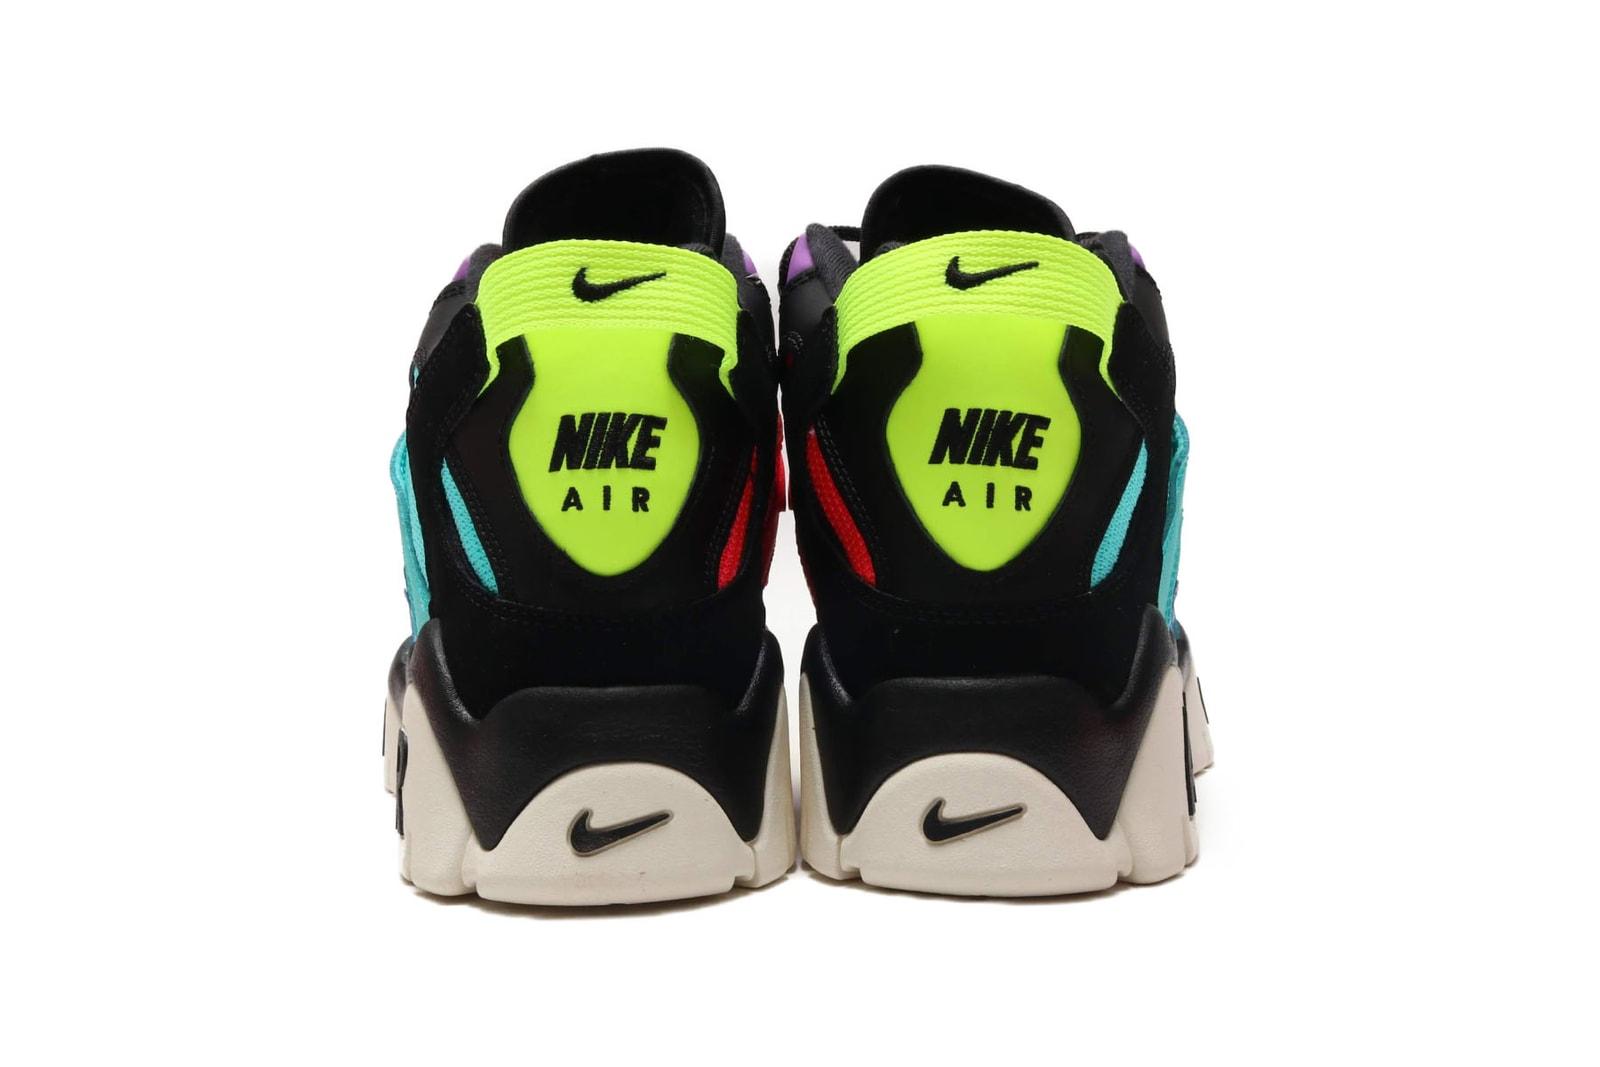 """アトモスとナイキが""""POP THE STREET""""コレクションをリリース atmos が東京のポップカルチャーに敬意を表す Nike Air Force 1 '07 LV8 と Air Barrange Mid をリリース"""